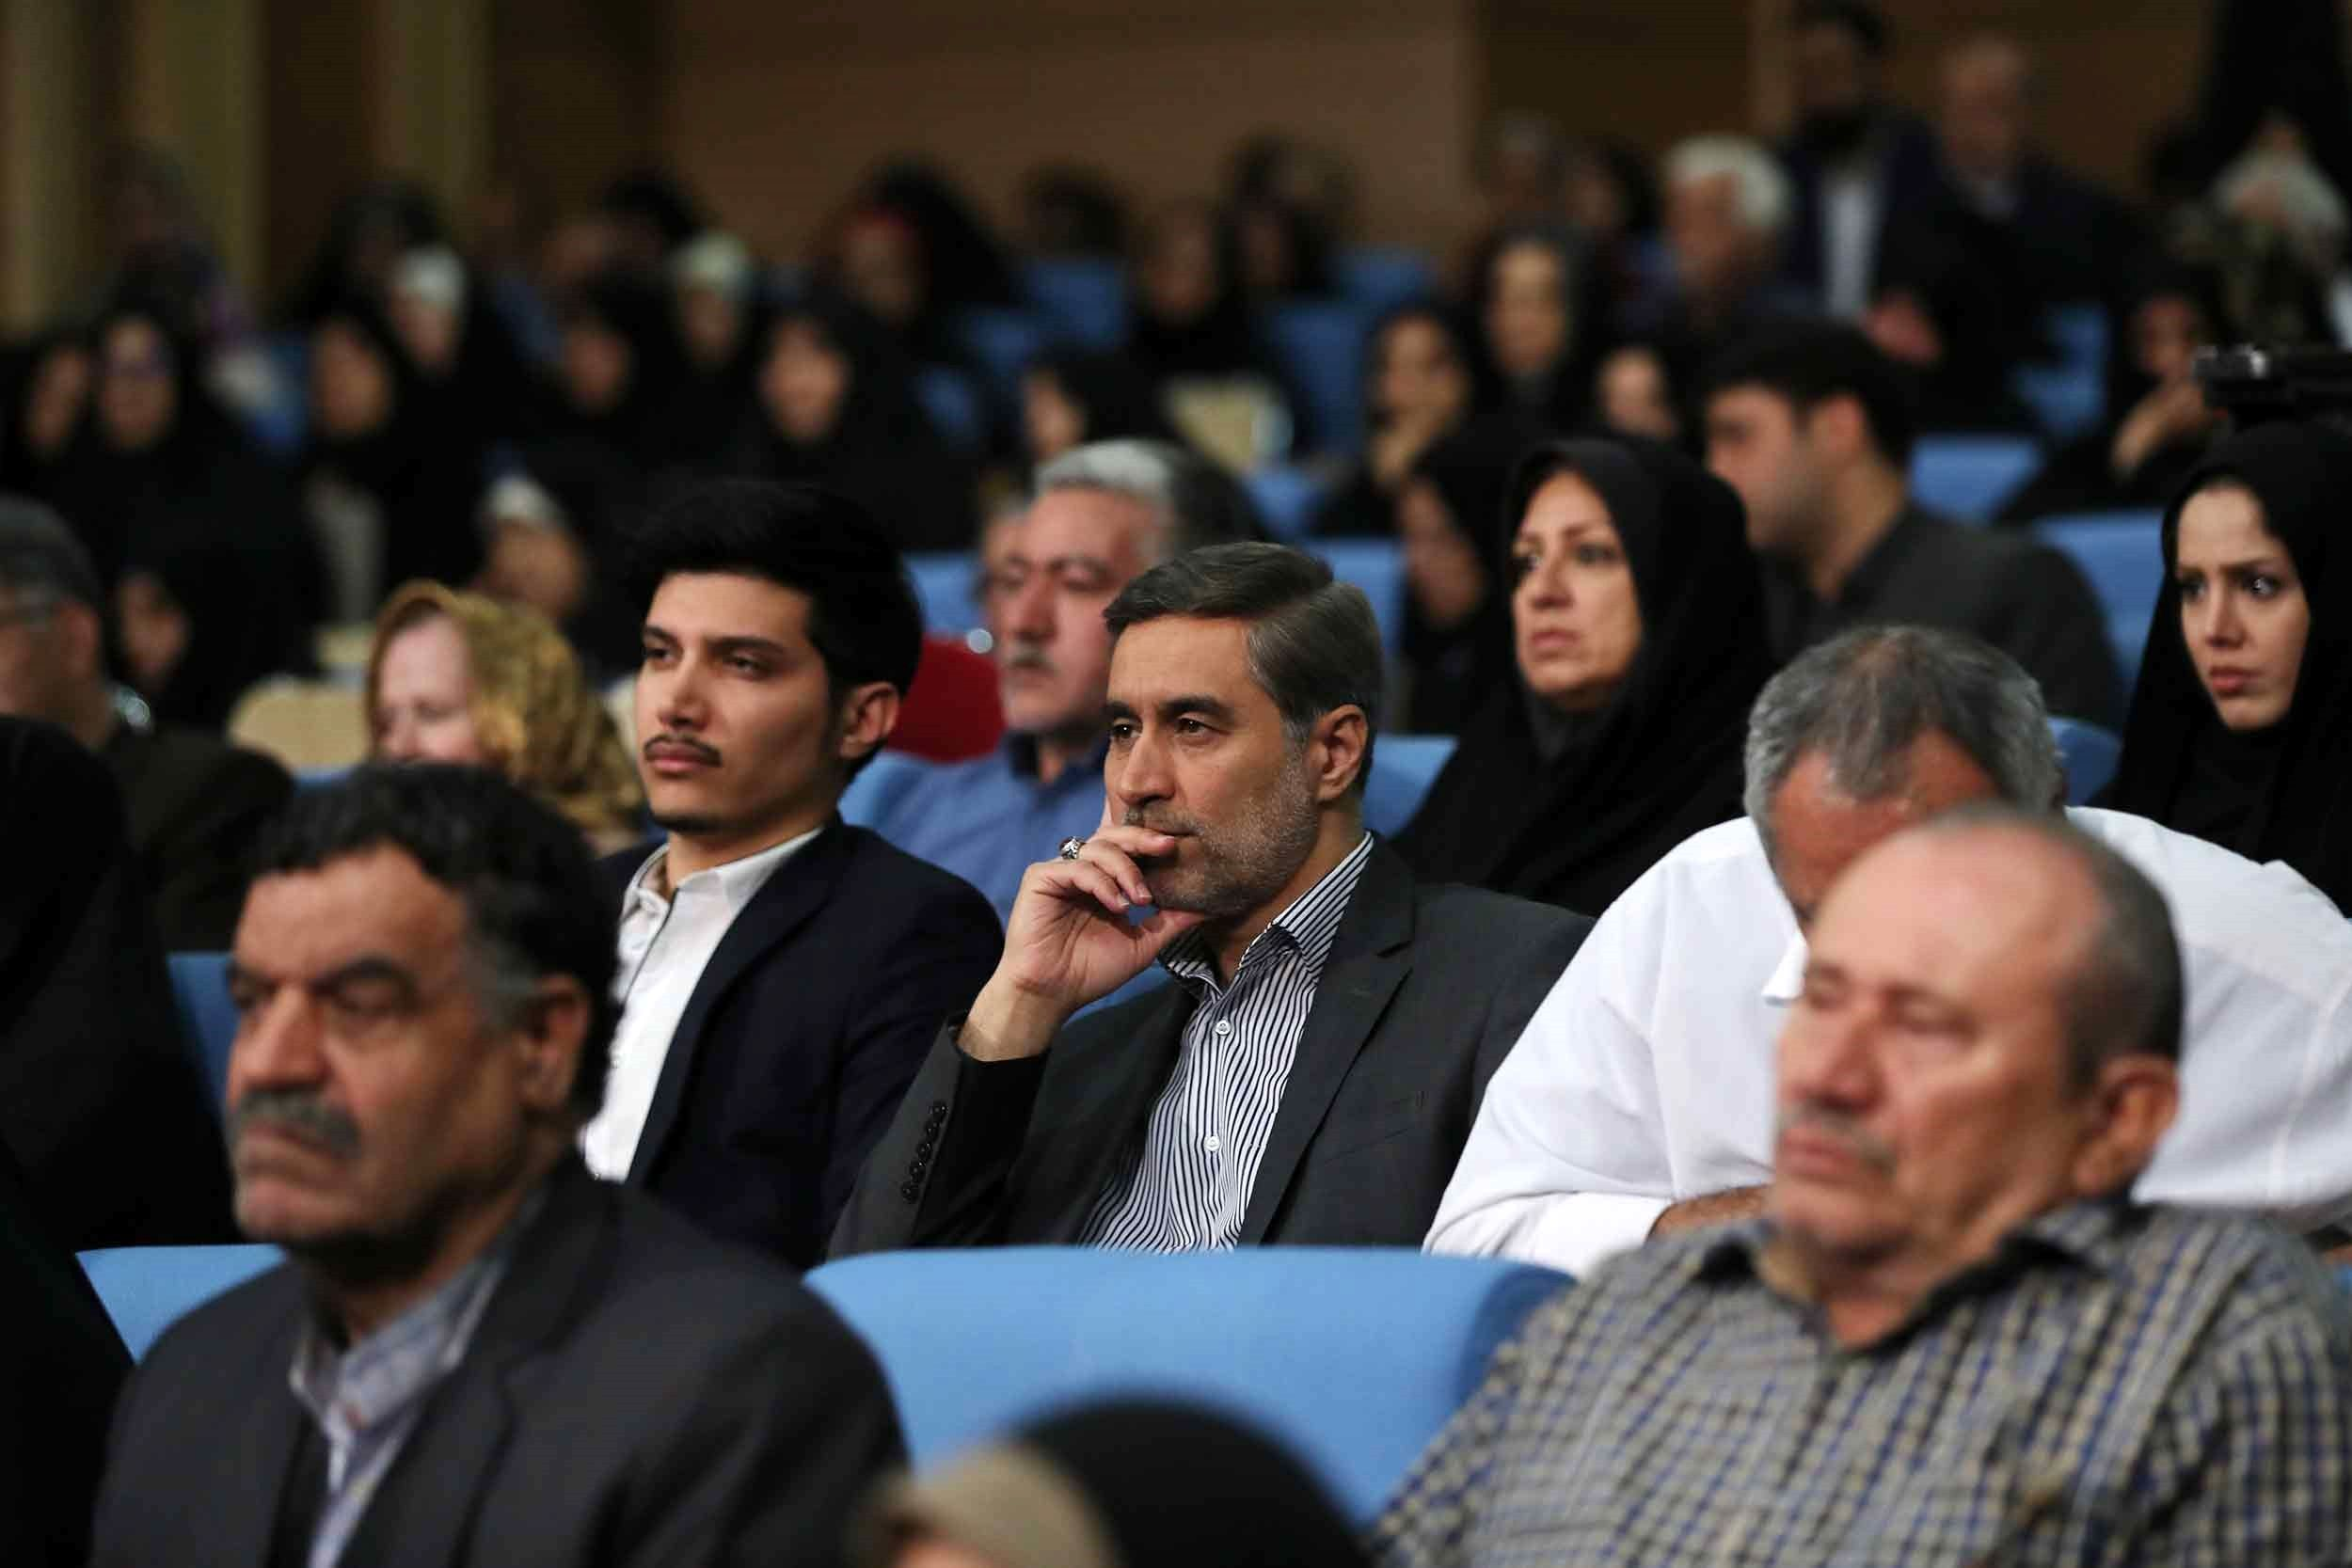 ضیافت افطار رdیسجمهور با خانواده شهدا